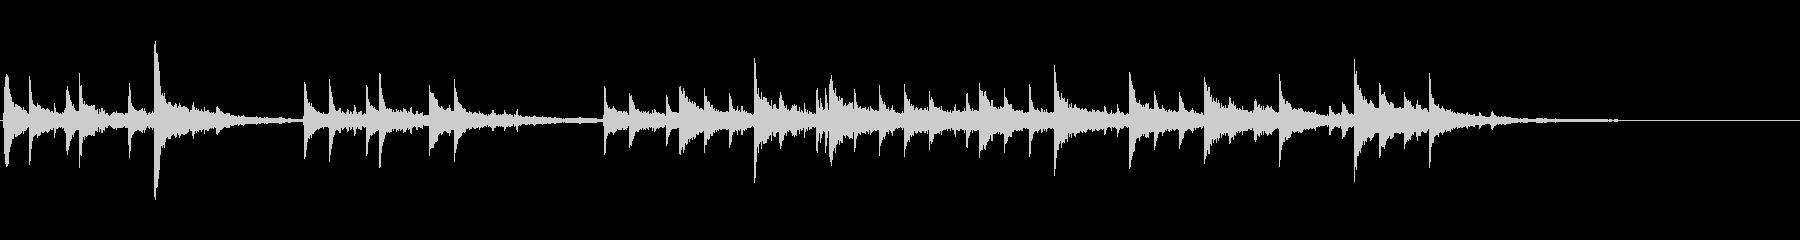 ピアノ・オルゴール風・短い曲の未再生の波形